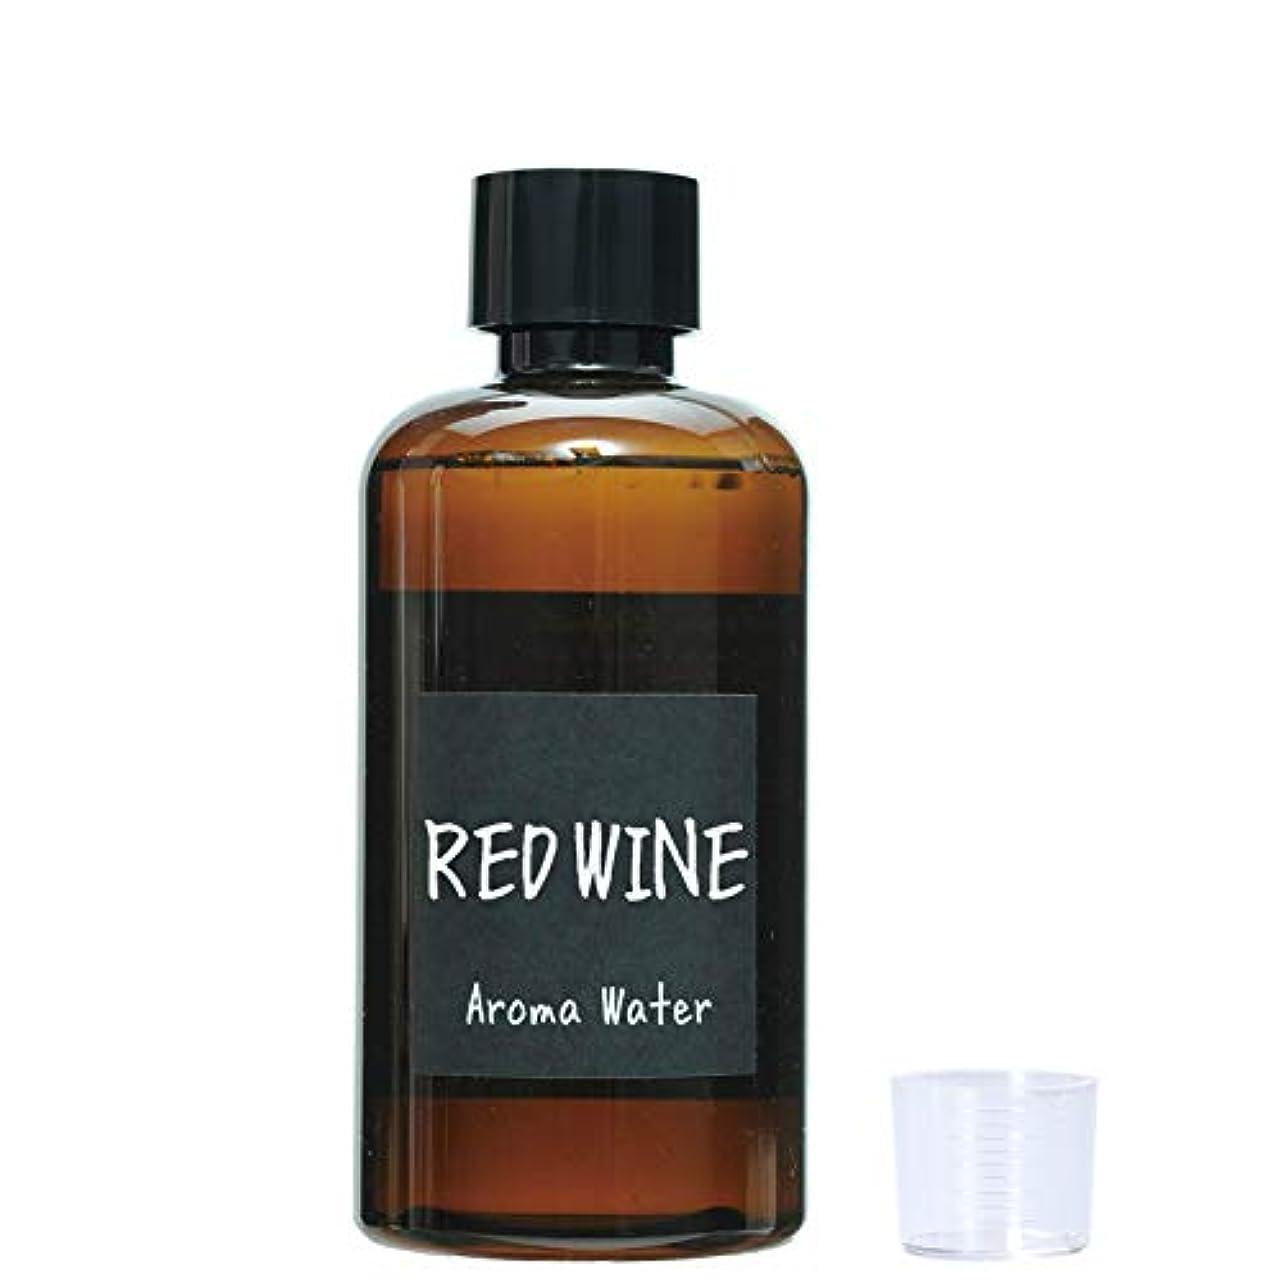 スリルブランド名激怒【計量カップ付き】John's Blend (ジョンズブレンド) アロマウォーター 520ml レッドワイン ノルコーポレーション OAJON2305 加湿器用